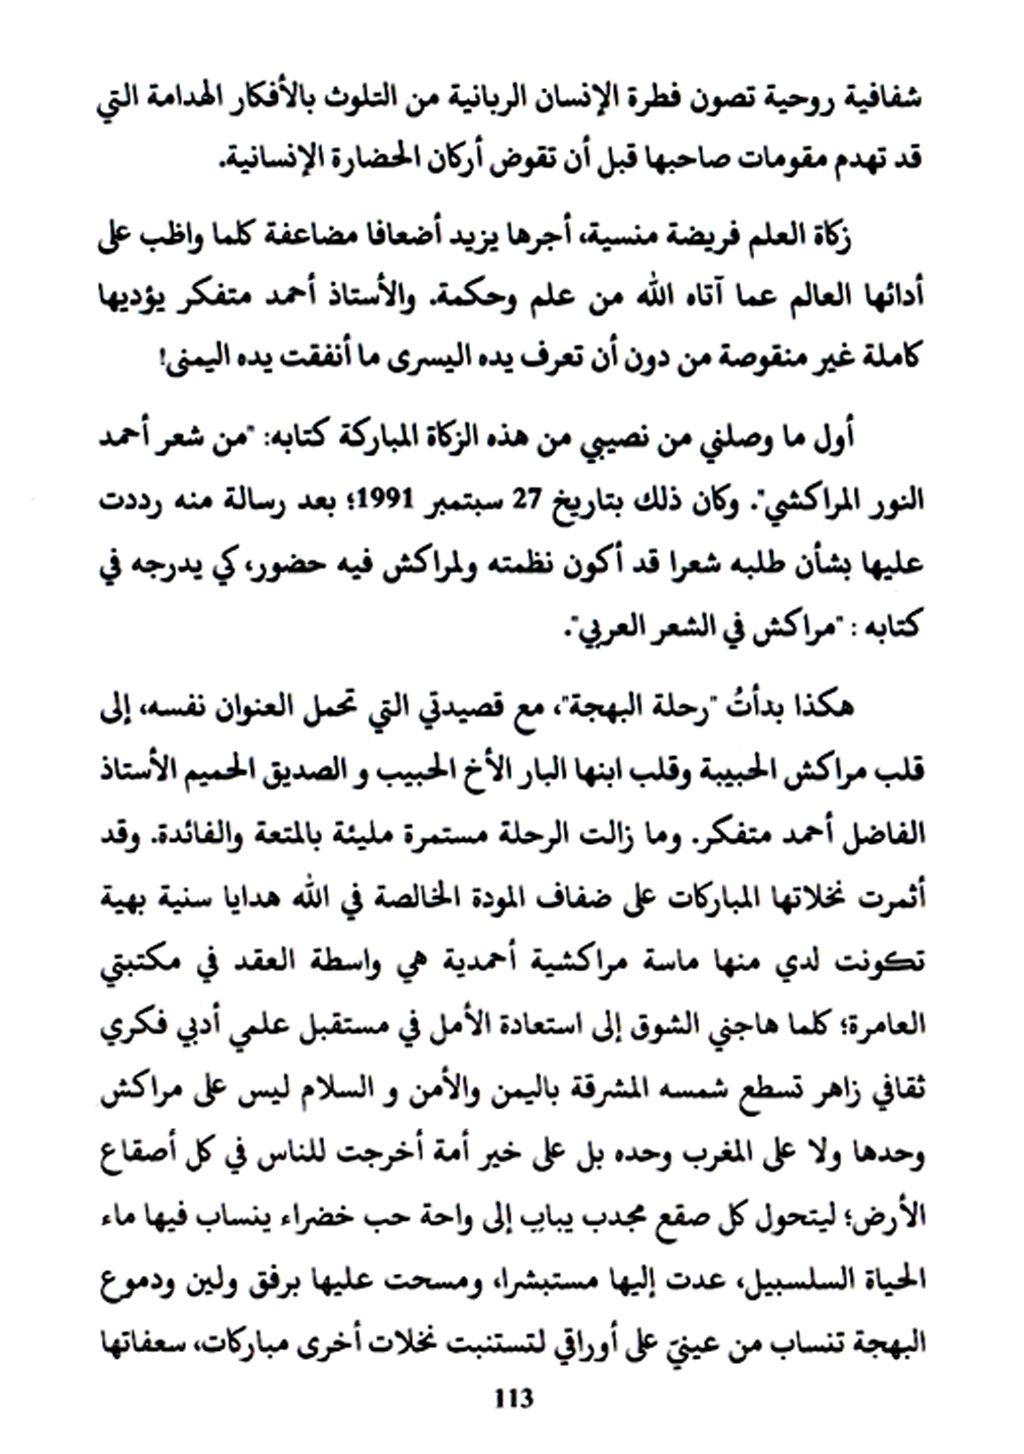 شهادة الشاعر جلول دكداك في حق الأستاذ أحمد متفكر